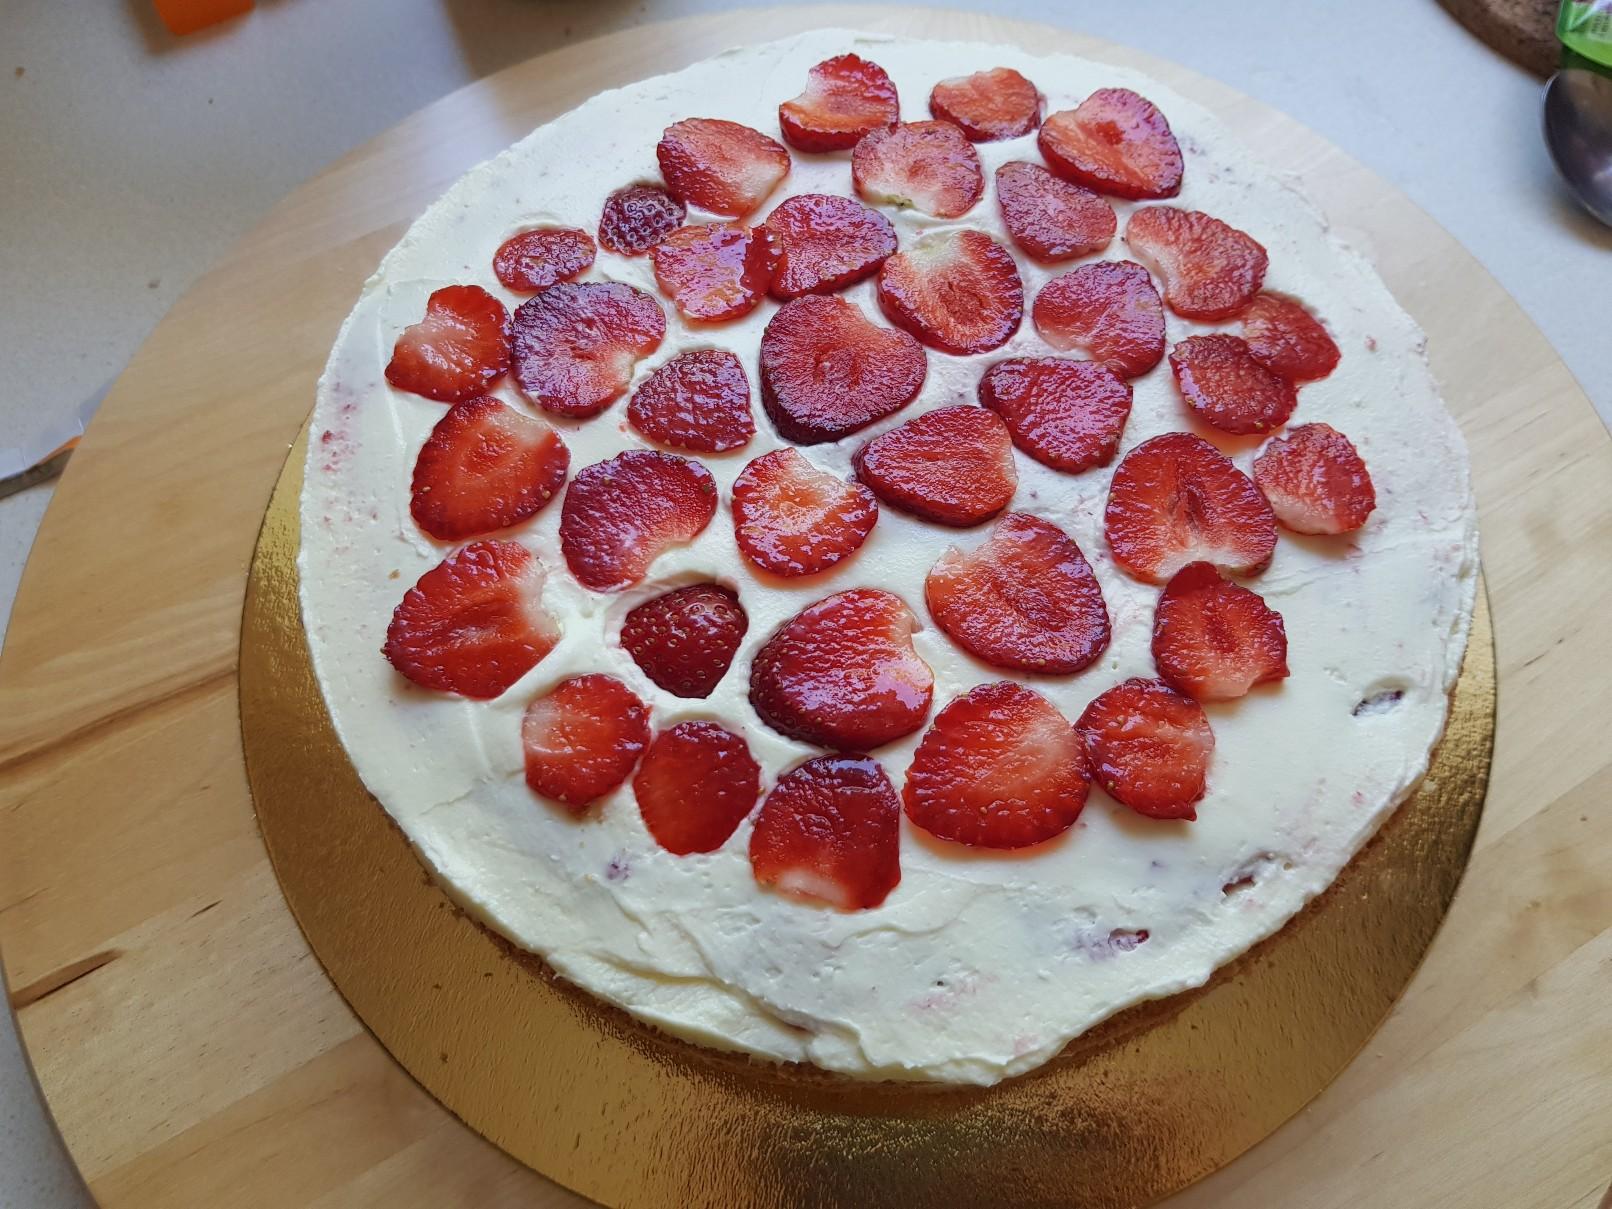 gummi bears birthday cake strawberries